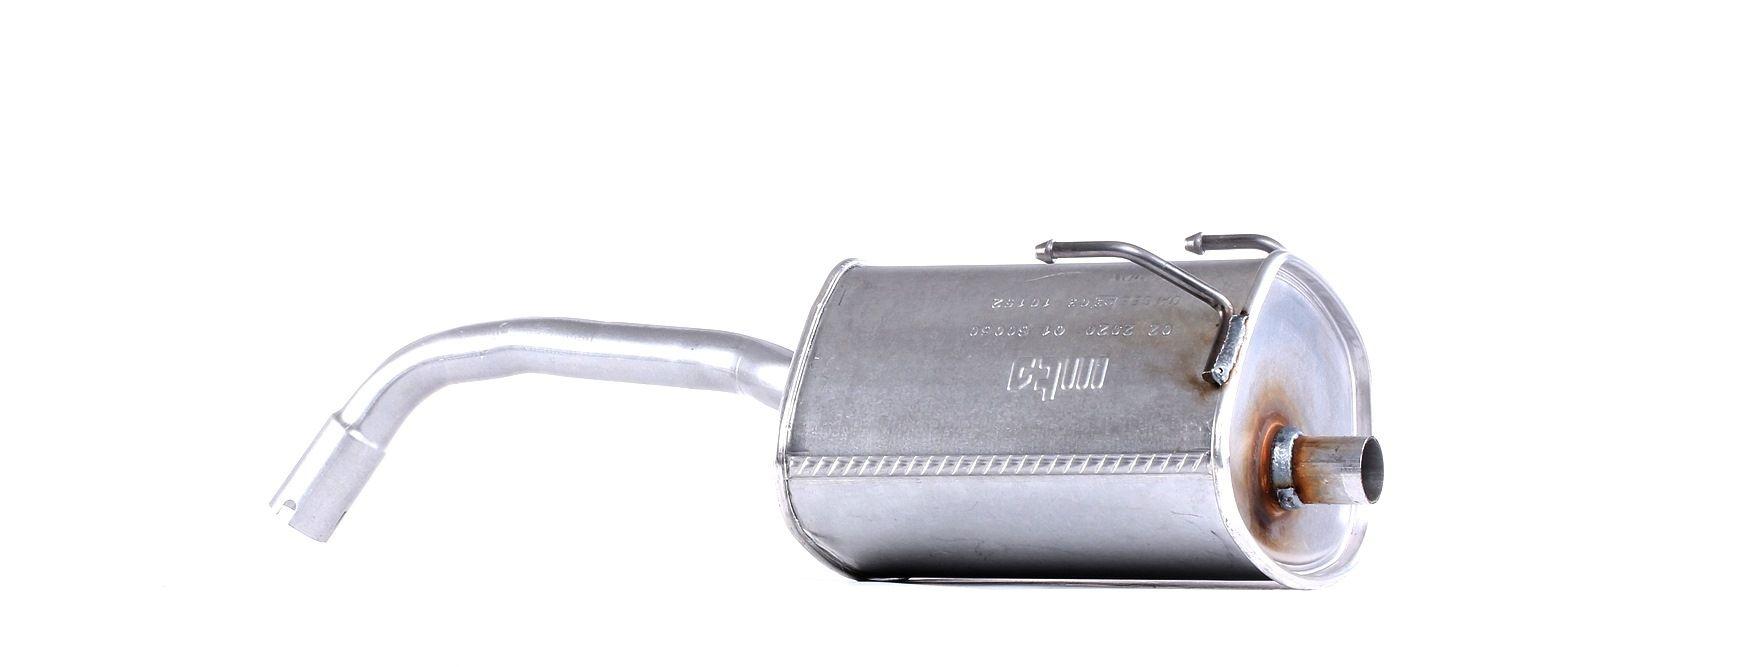 MTS: Original Endschalldämpfer 01.60060 (Länge: 750mm, Länge: 750mm)